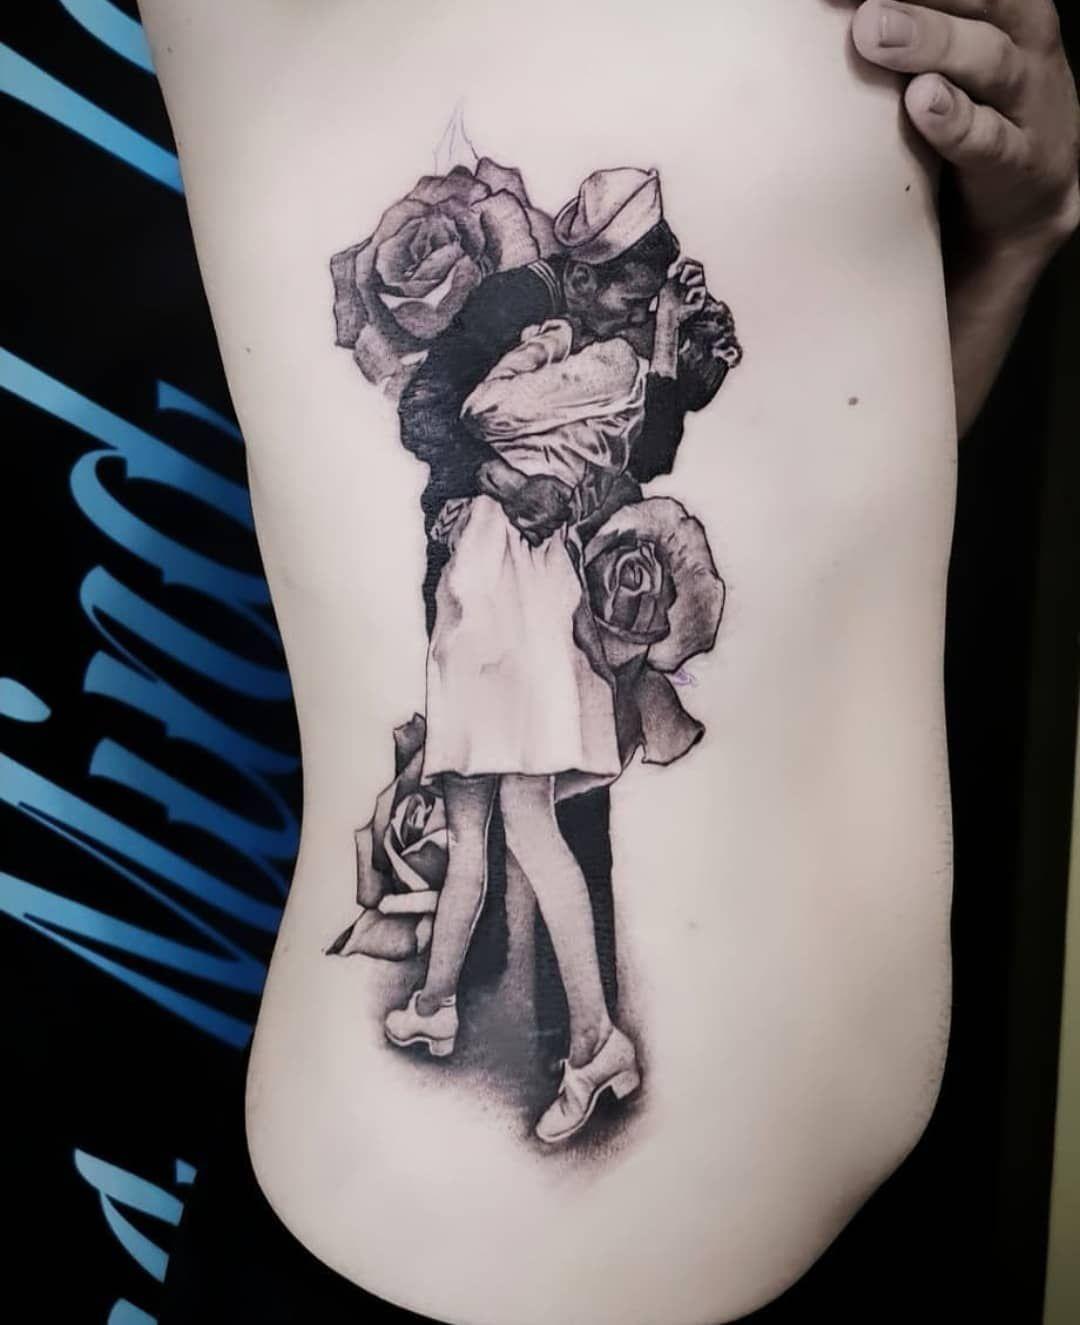 #bluemindtattoo #tattooshop #tattoostudio #tattoolife #tattooworkers #tattoomodel #tattoostyle #tattooink #tattooist #tattoomagazine #tattooflash #tattoowork #tattoos #ink #inkedmag #inkwork #inkd #inkedup #inkart #inkedlife #inklife #inkaddict